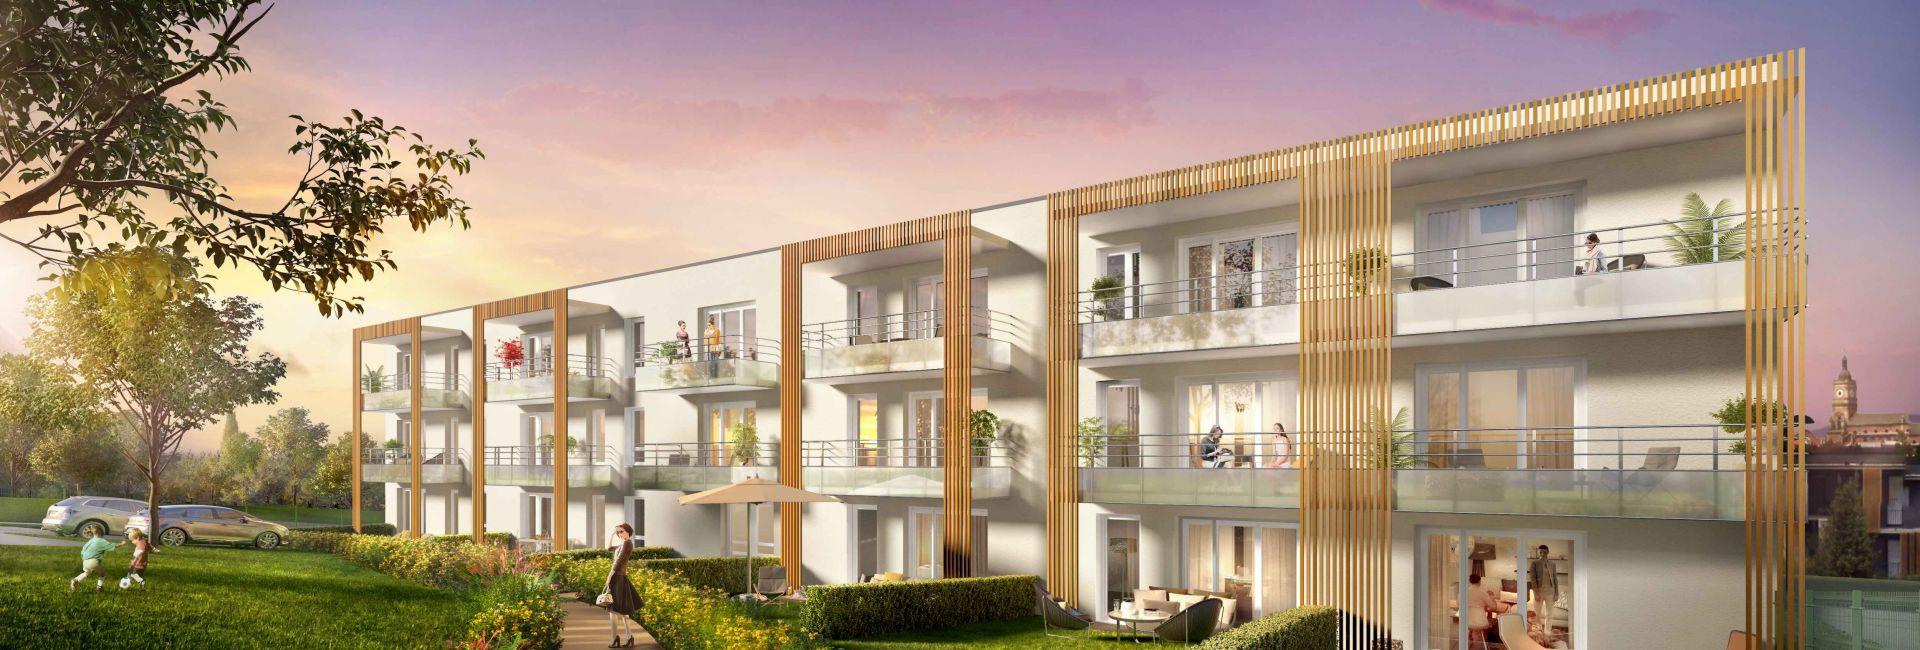 Programme immobilier les jardins de montgre - Image 2